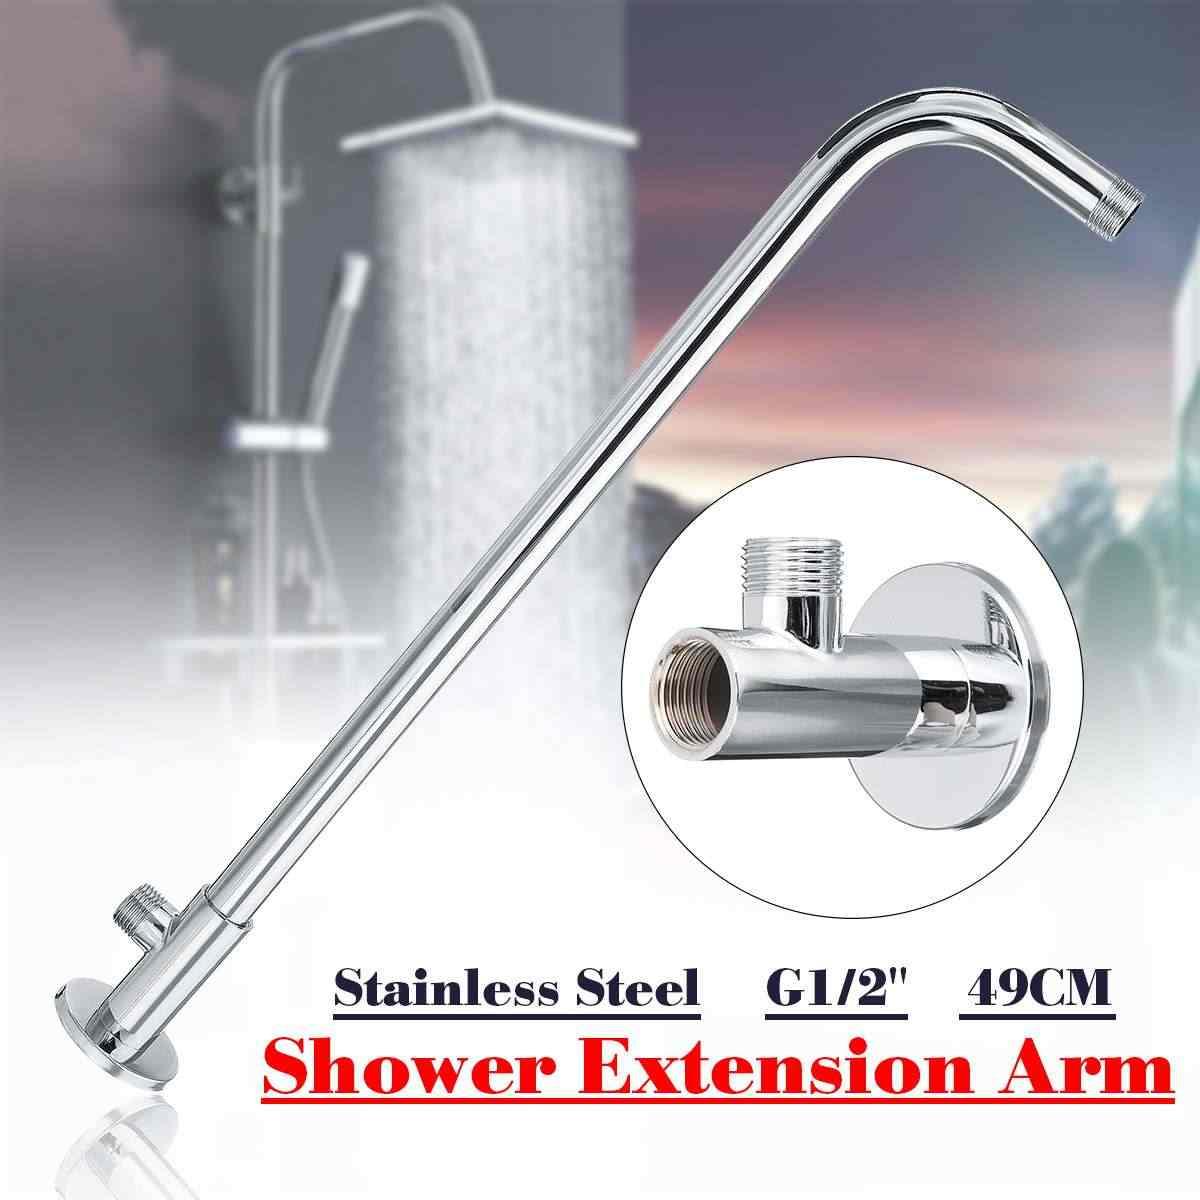 """49cm G1/2 """"ścienny prysznic do montażu wysięgnik kątowy dodatkowy wąż ze stali nierdzewnej do głowicy deszczownica akcesoria łazienkowe"""